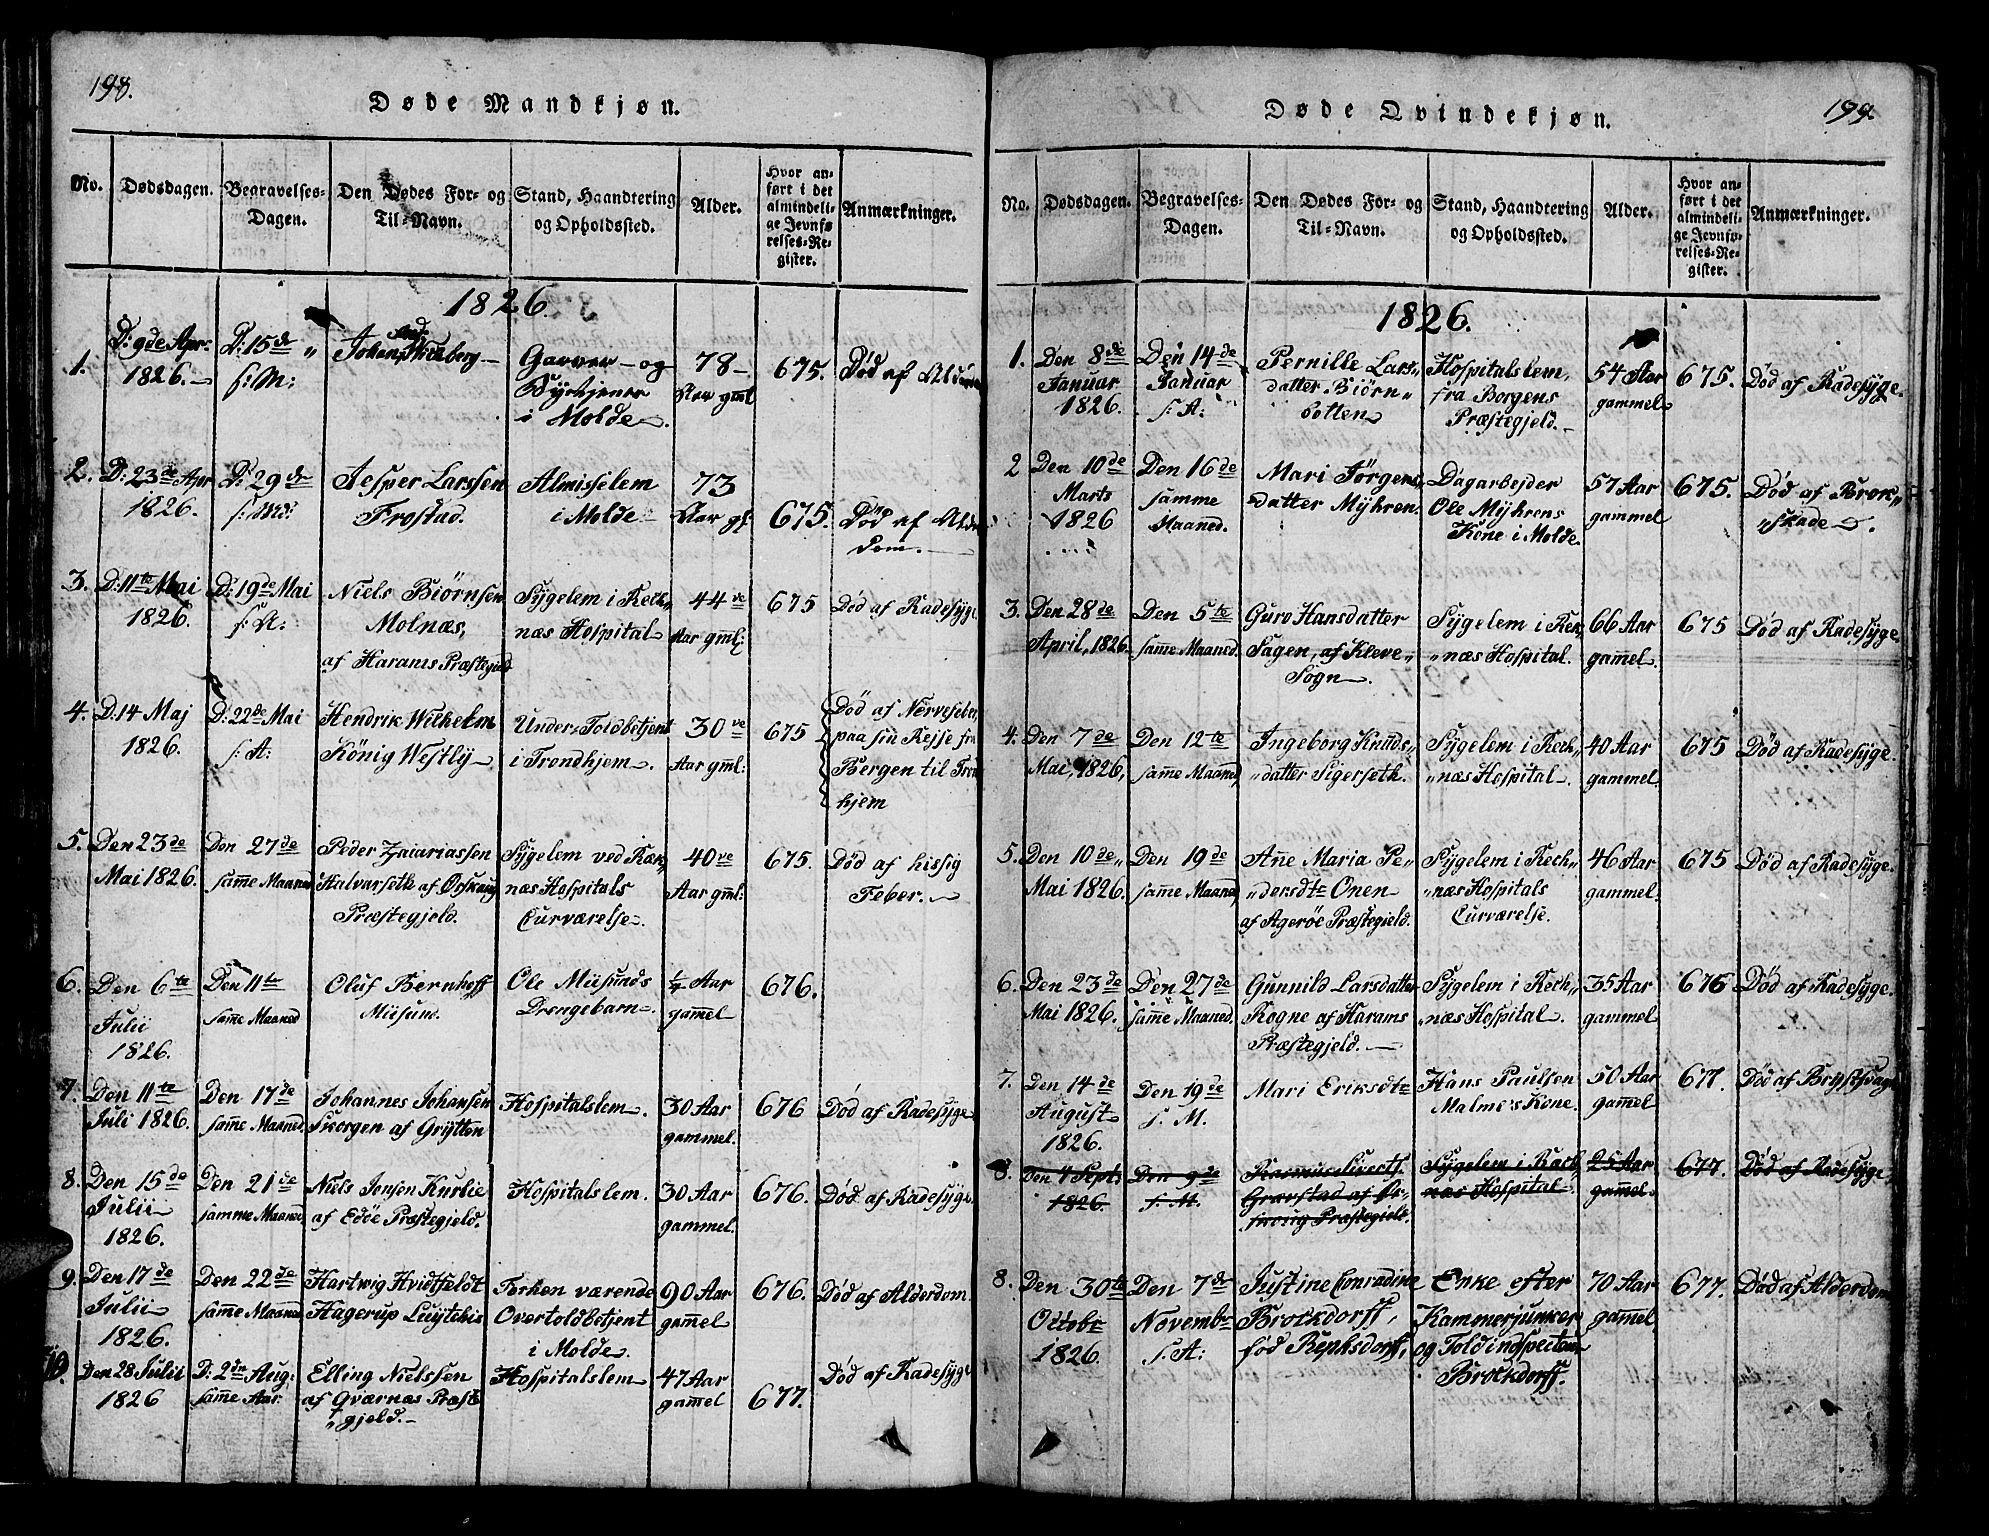 SAT, Ministerialprotokoller, klokkerbøker og fødselsregistre - Møre og Romsdal, 558/L0700: Klokkerbok nr. 558C01, 1818-1868, s. 198-199